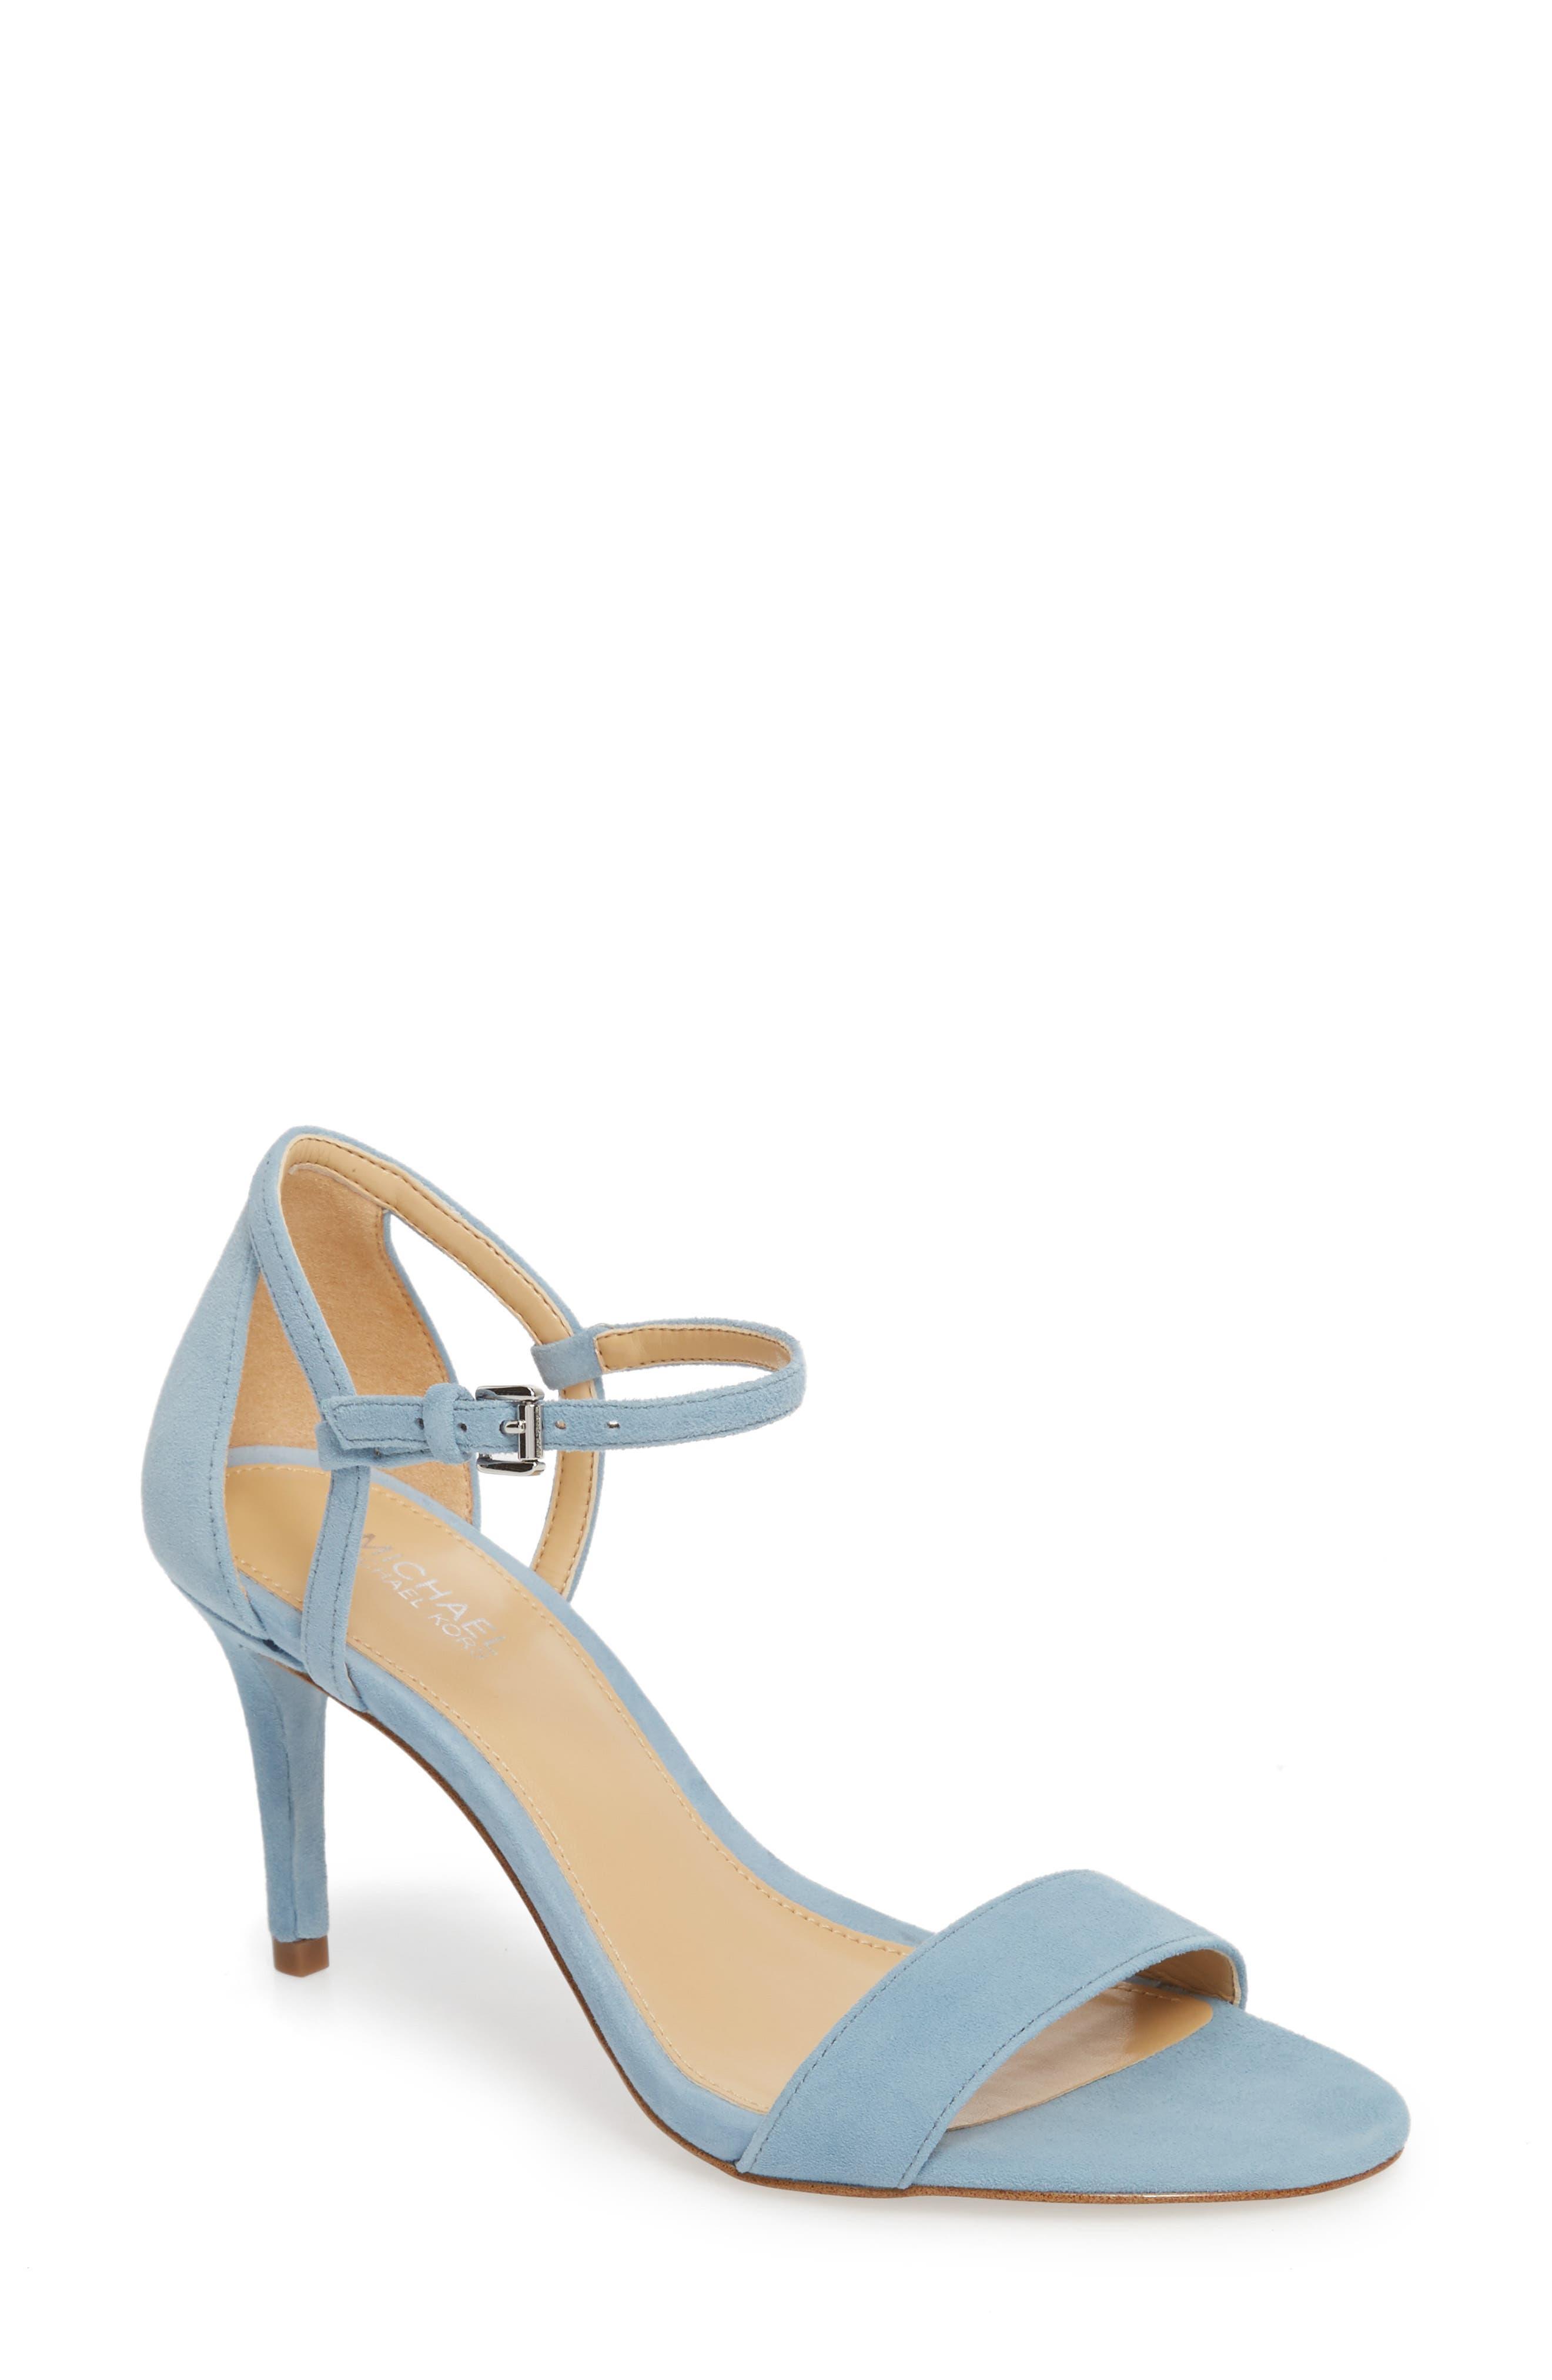 'Simone' Sandal,                             Main thumbnail 1, color,                             Powder Blue Suede